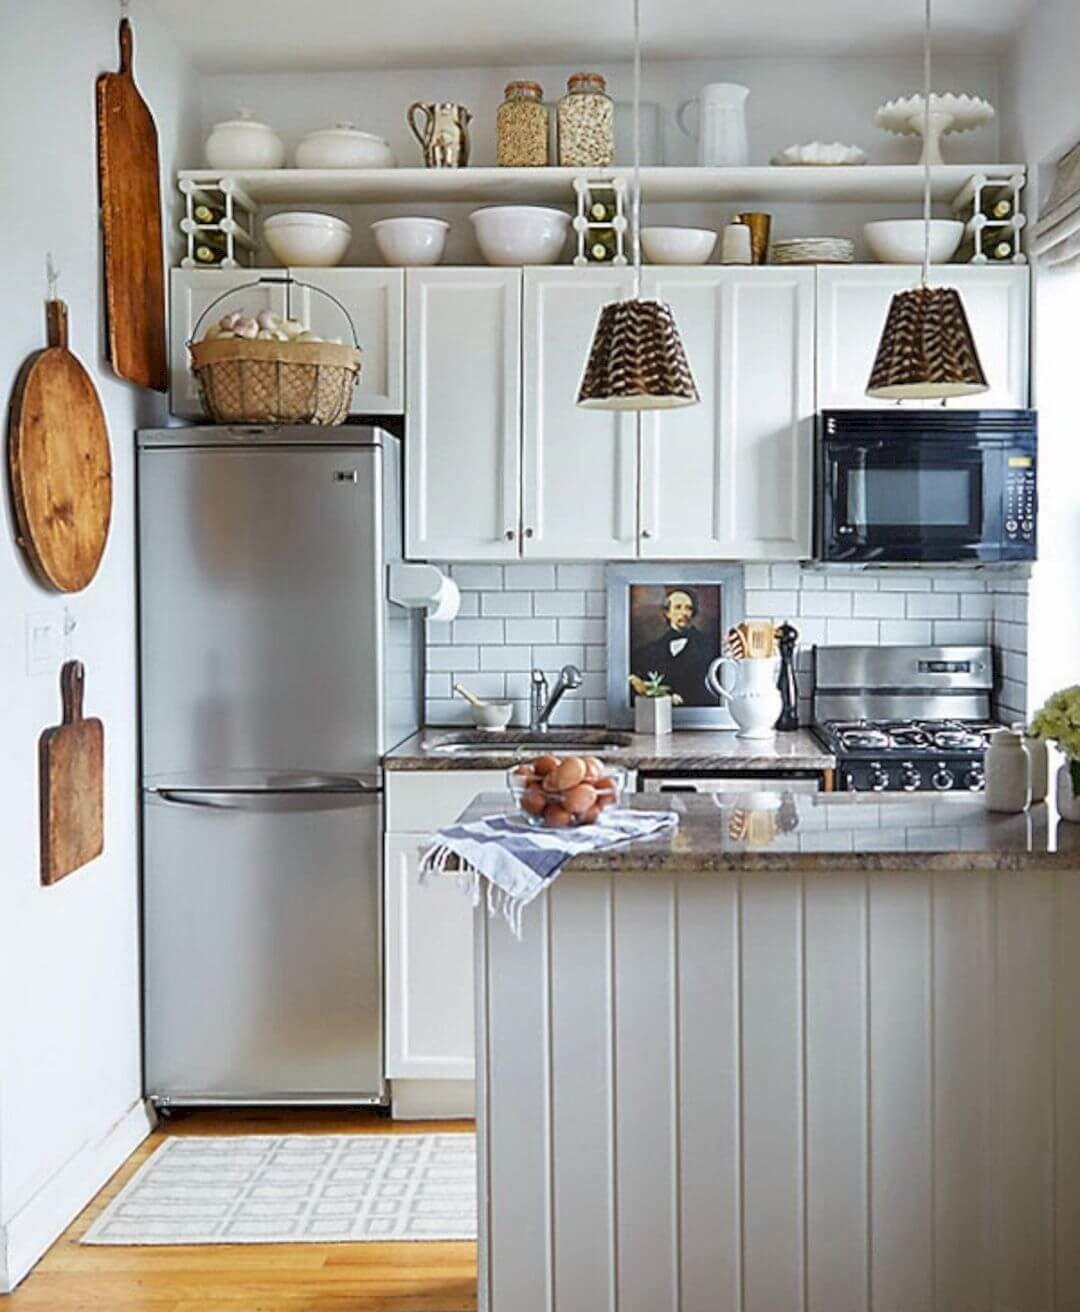 Sehr Kleine Kuche Design Kuchen Design Haus Kuchen Kuchendesign